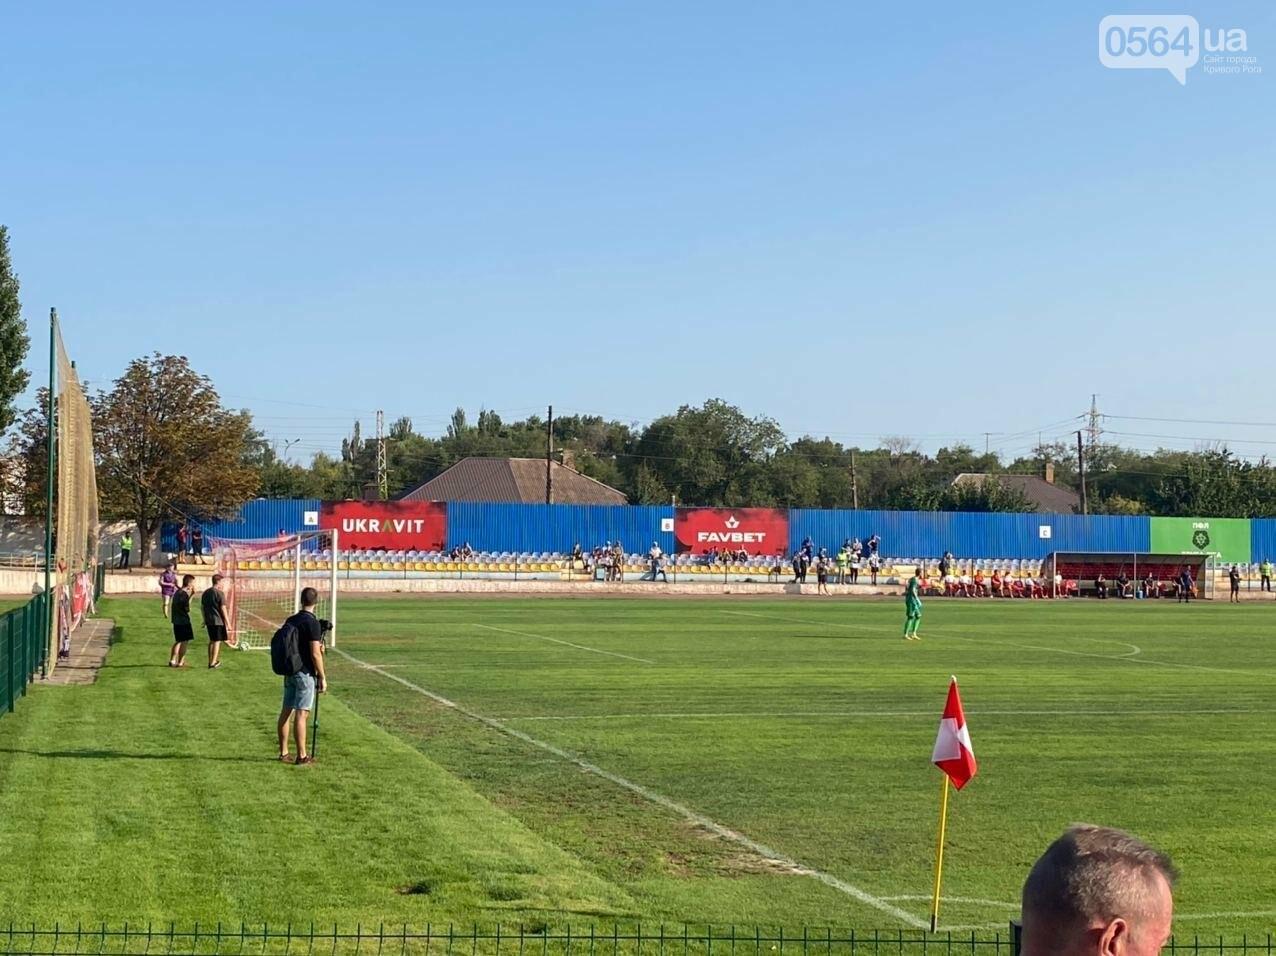 В Кривом Роге начался матч между ФК «Кривбасс» и ФК «Таврия»,  - ФОТО, ВИДЕО, фото-12